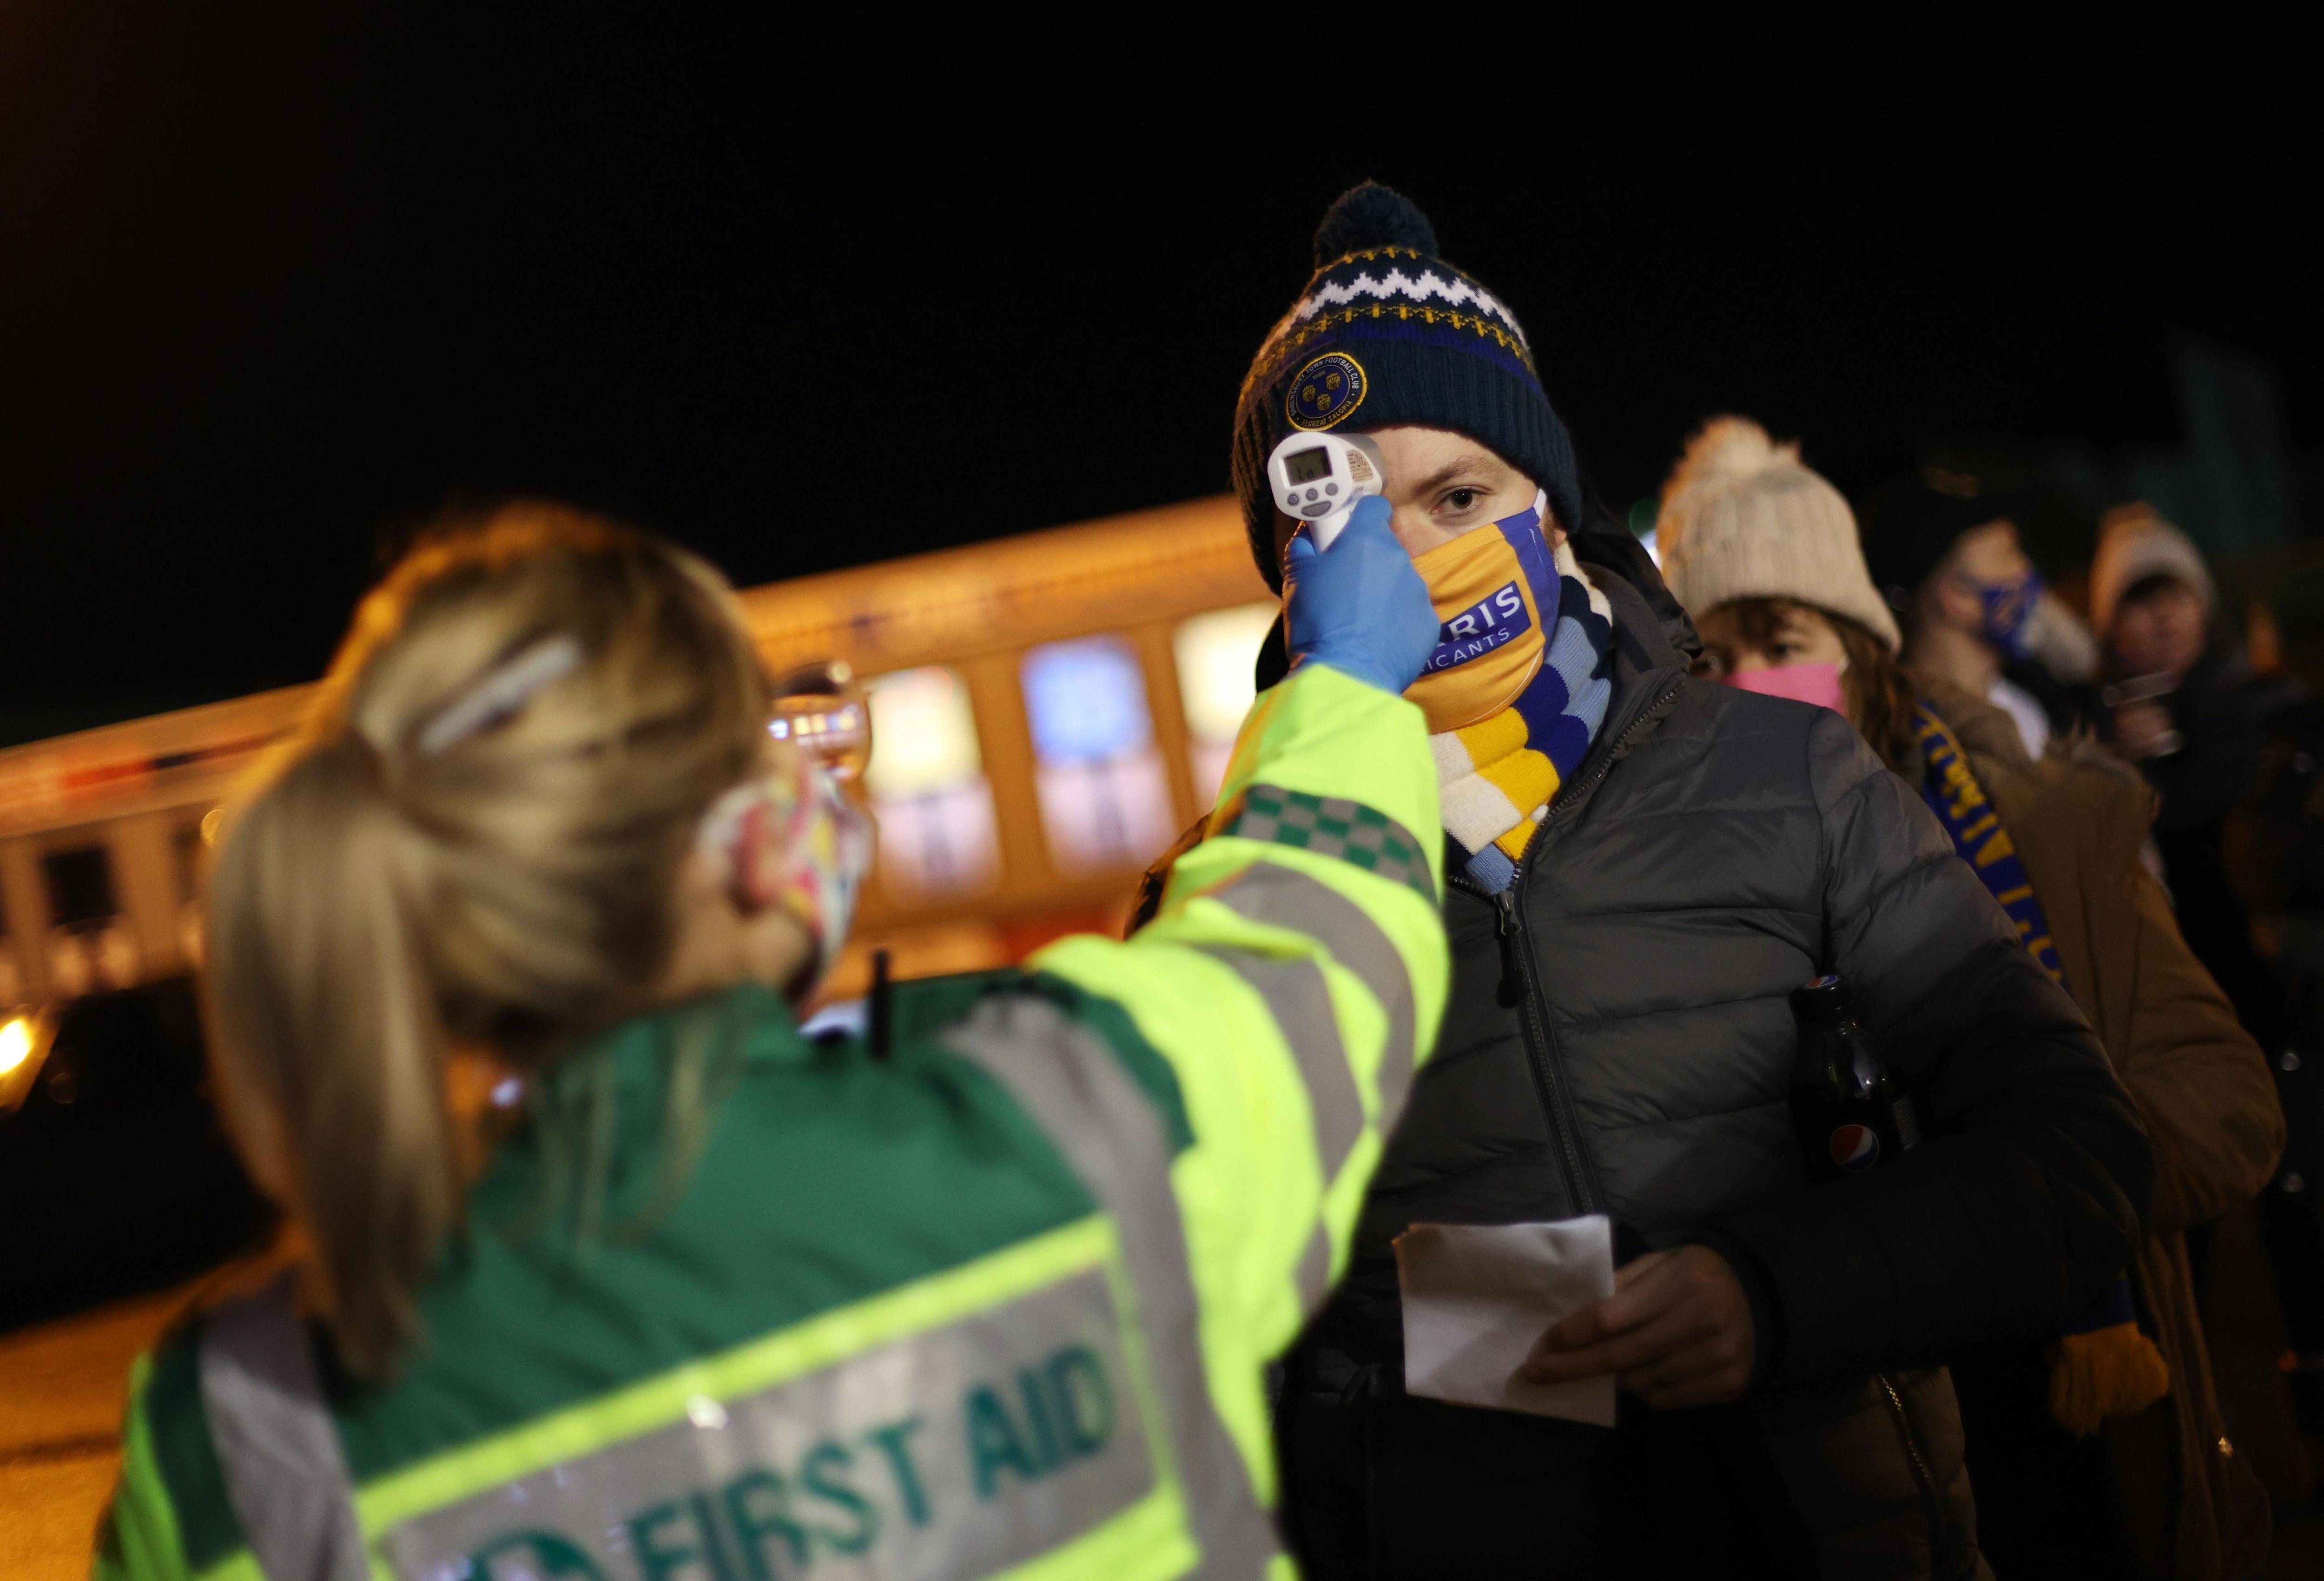 Controles de temperatura para ingresar a un evento público en Nueva York - Reuters/Carl Recine